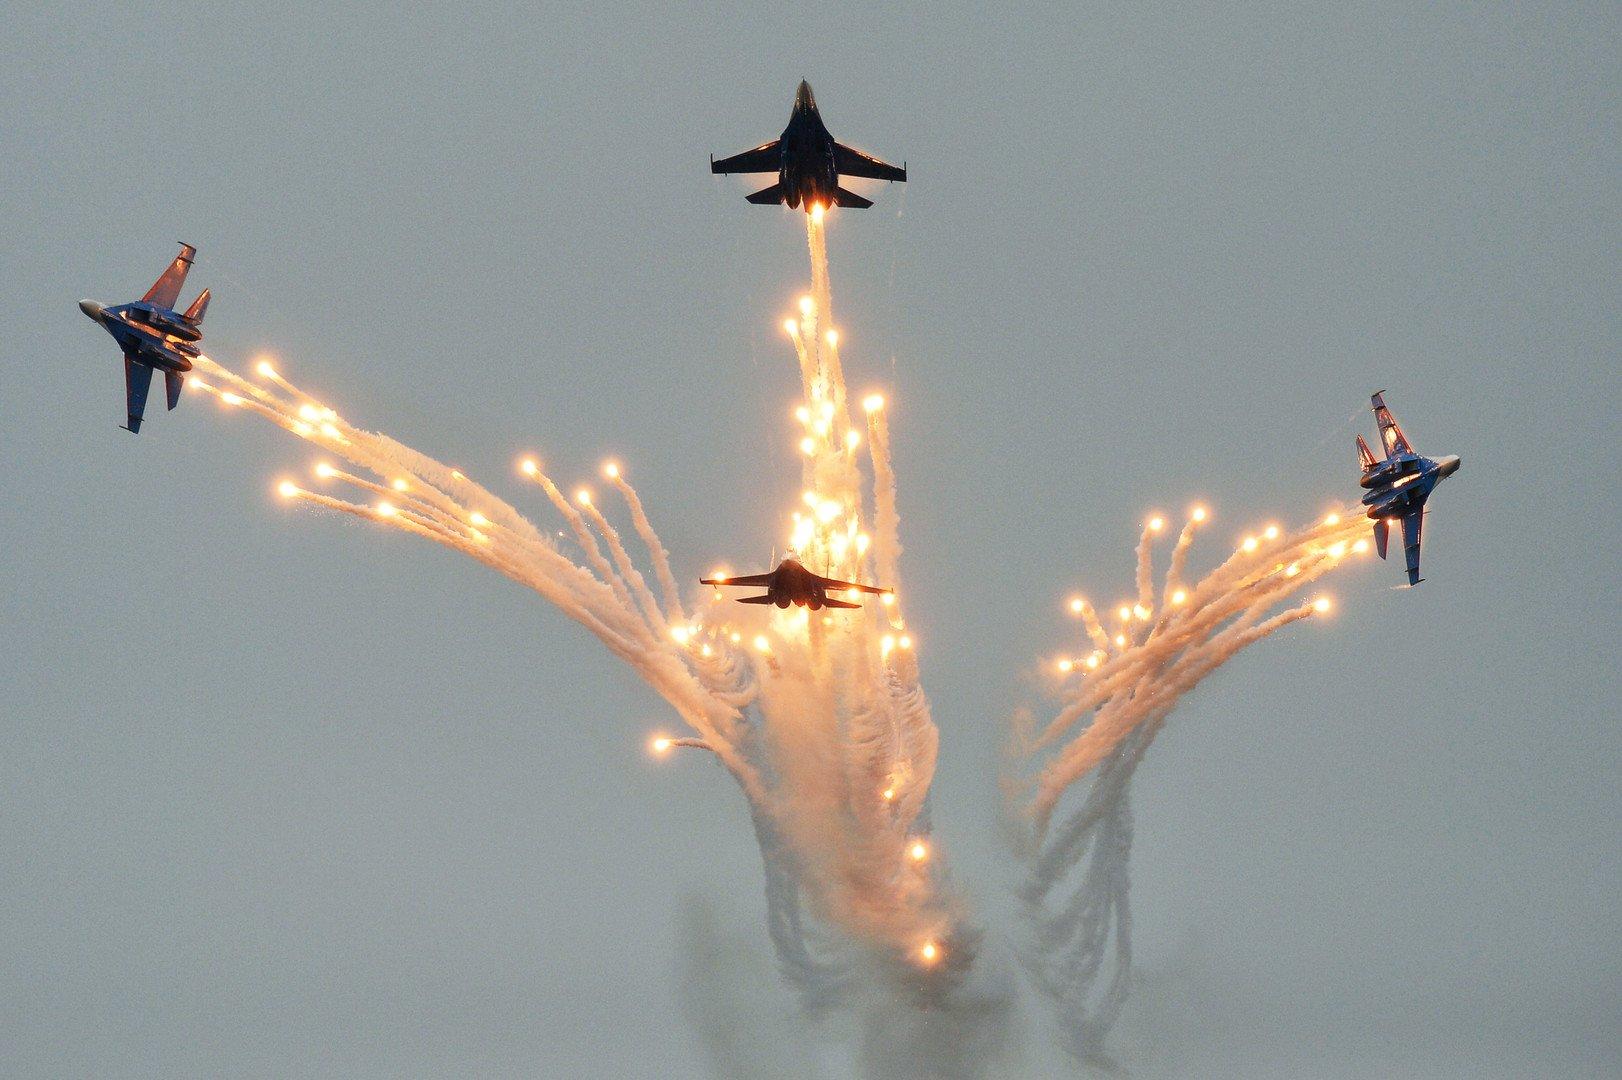 ВЧ15650-17. Соревнования военных летчиков